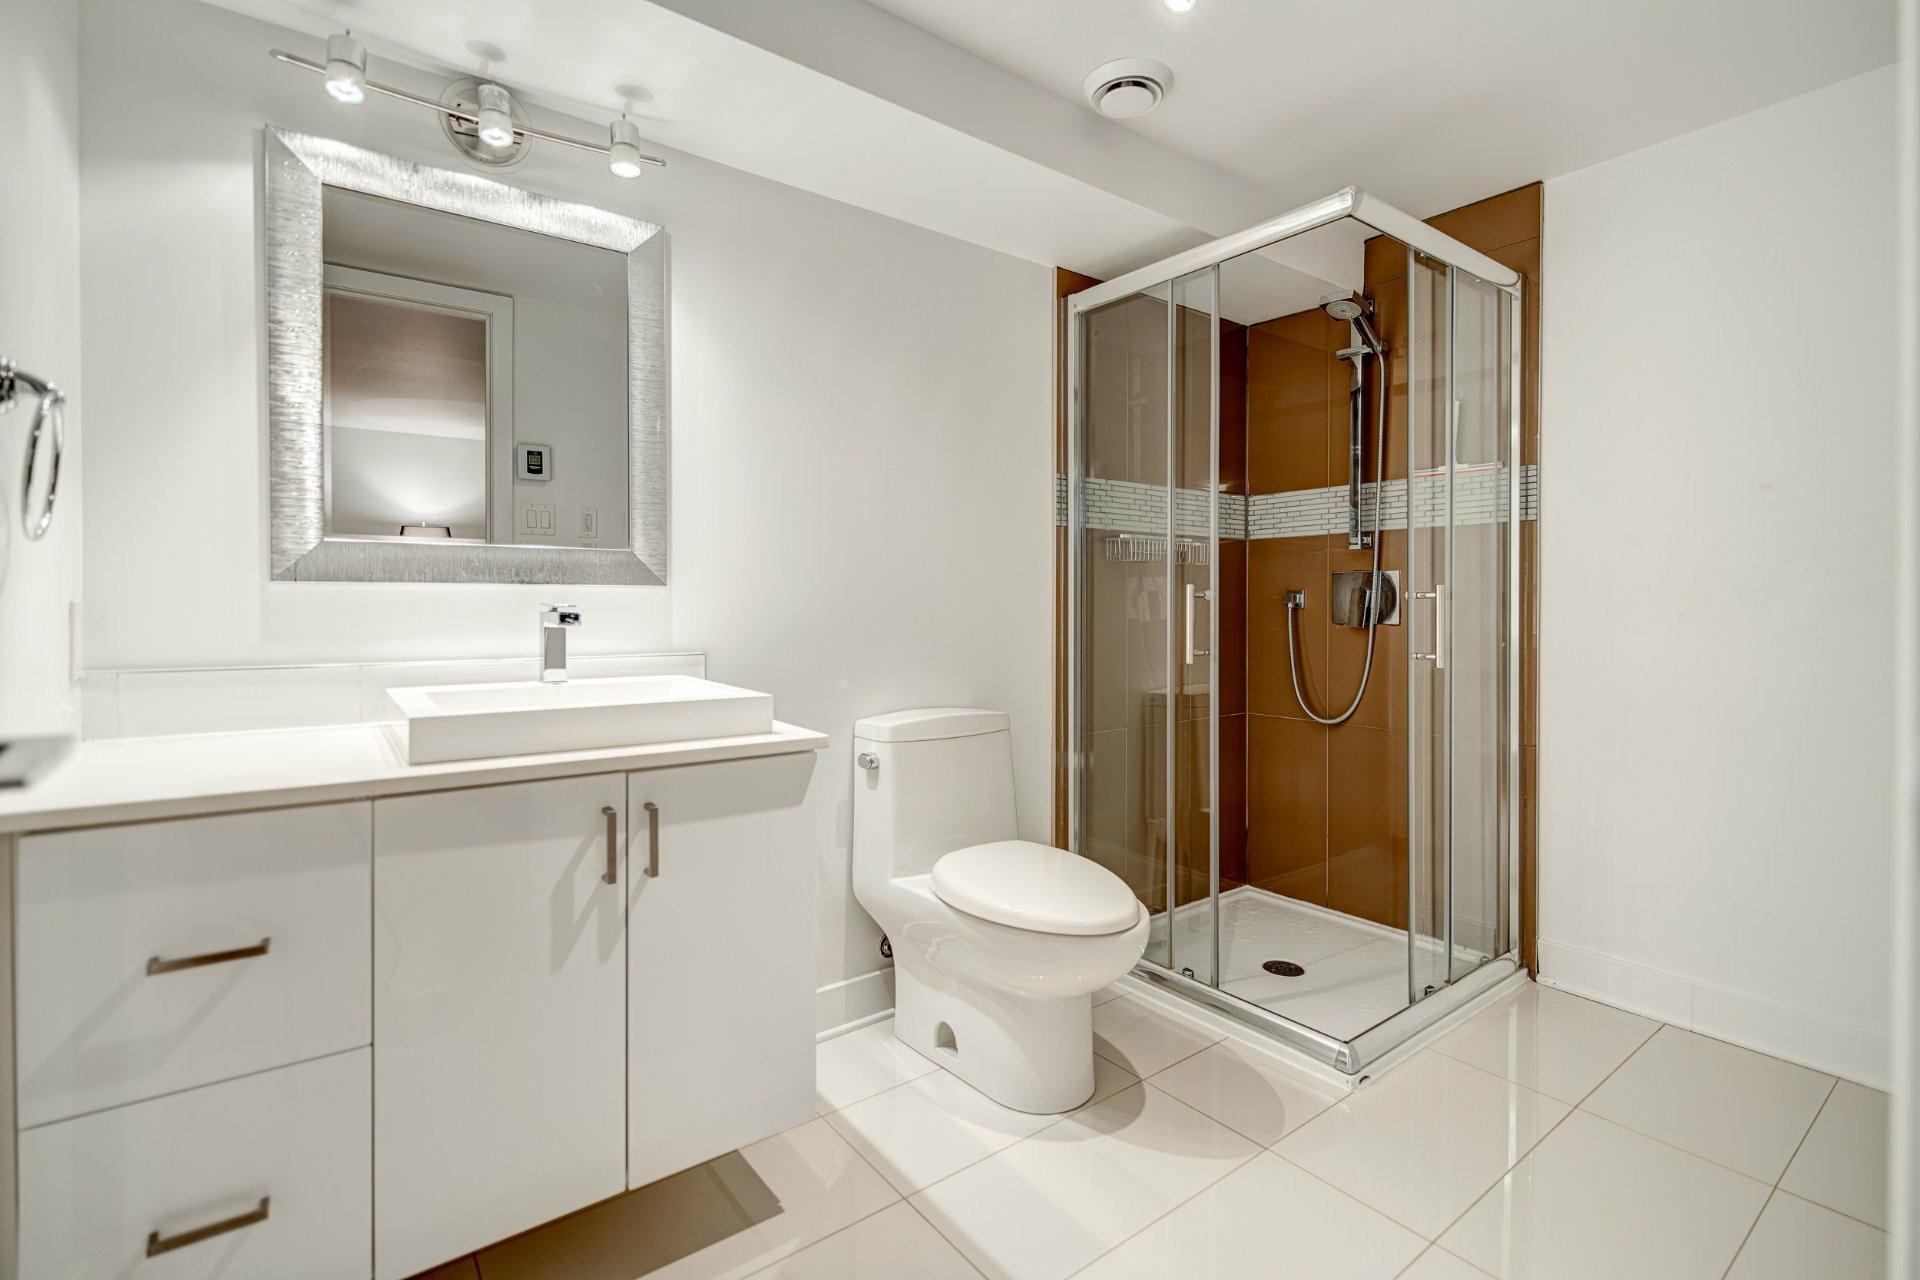 image 25 - Apartment For sale Rosemont/La Petite-Patrie Montréal  - 6 rooms